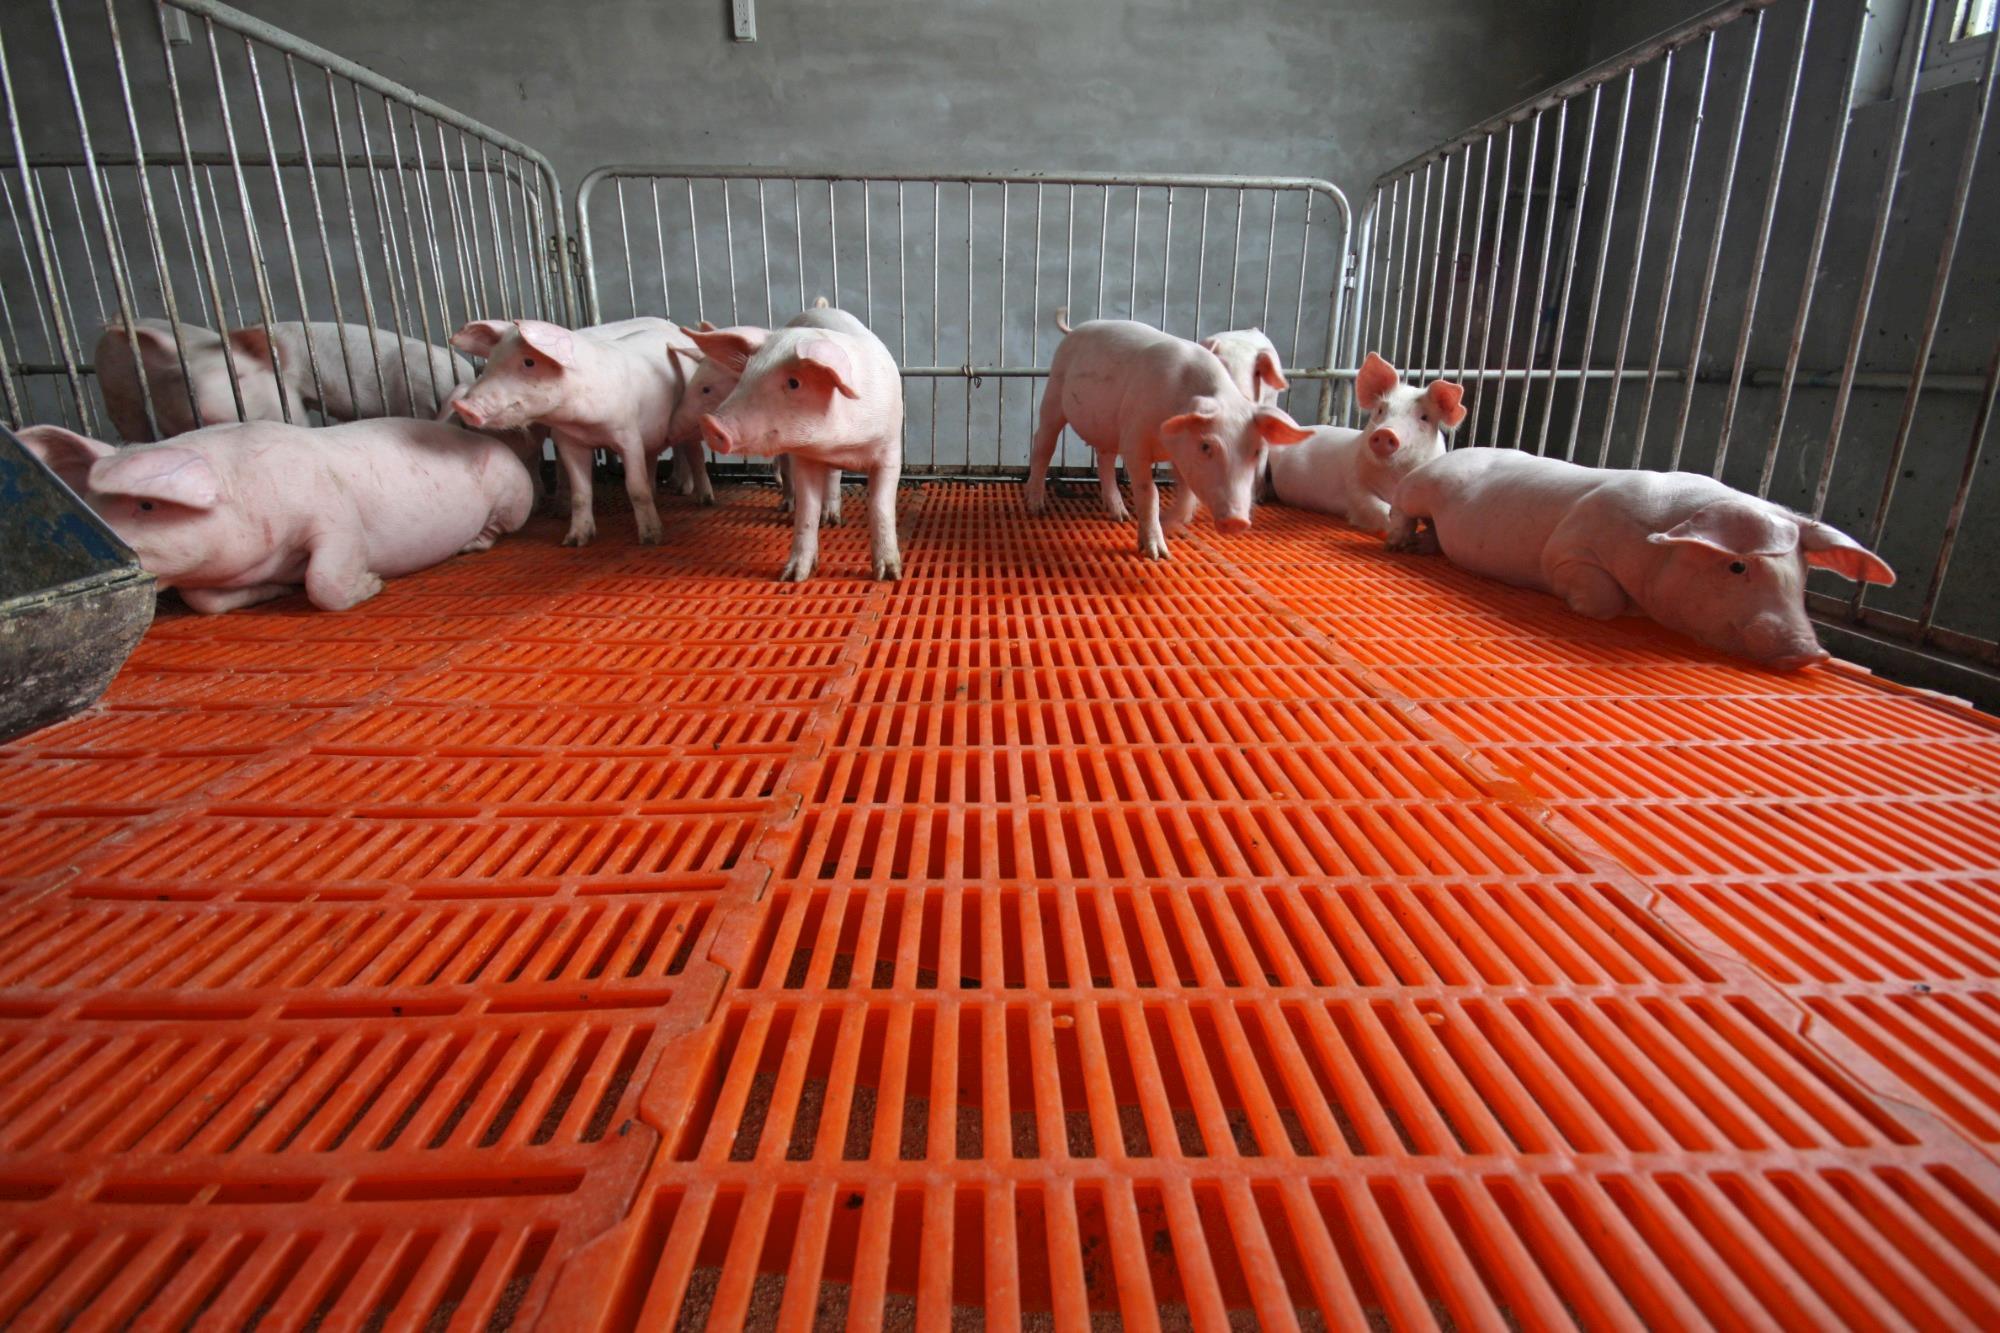 Surto de PSA na China deve ser a chave para o Brasil exportar mais carne suína em 2019